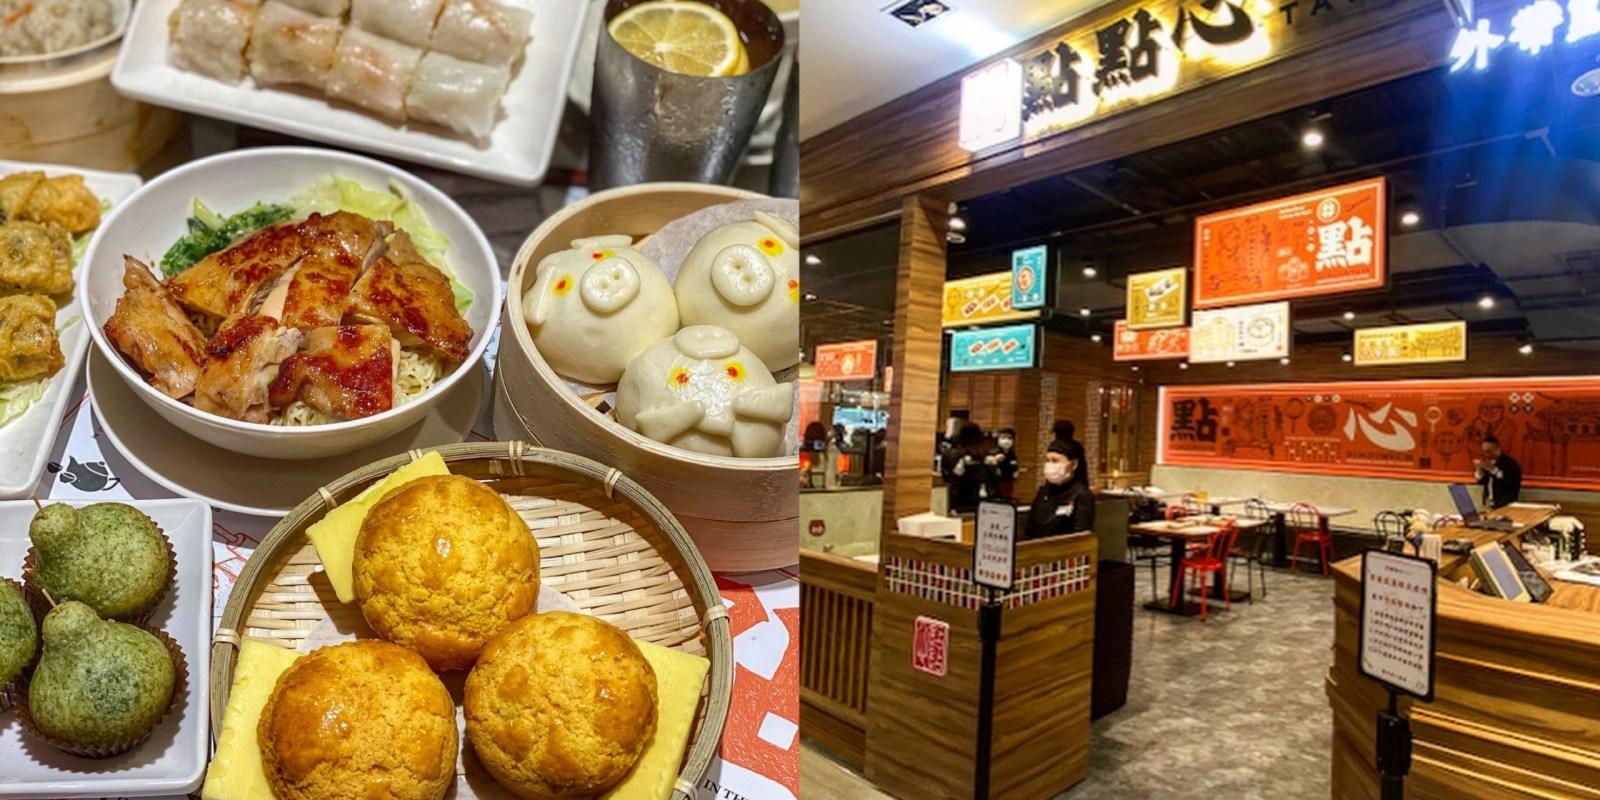 台南美食港式「點點心」來自香港的美味港點,送專屬優惠100元!打卡加LINE送港點!菜單MENU|